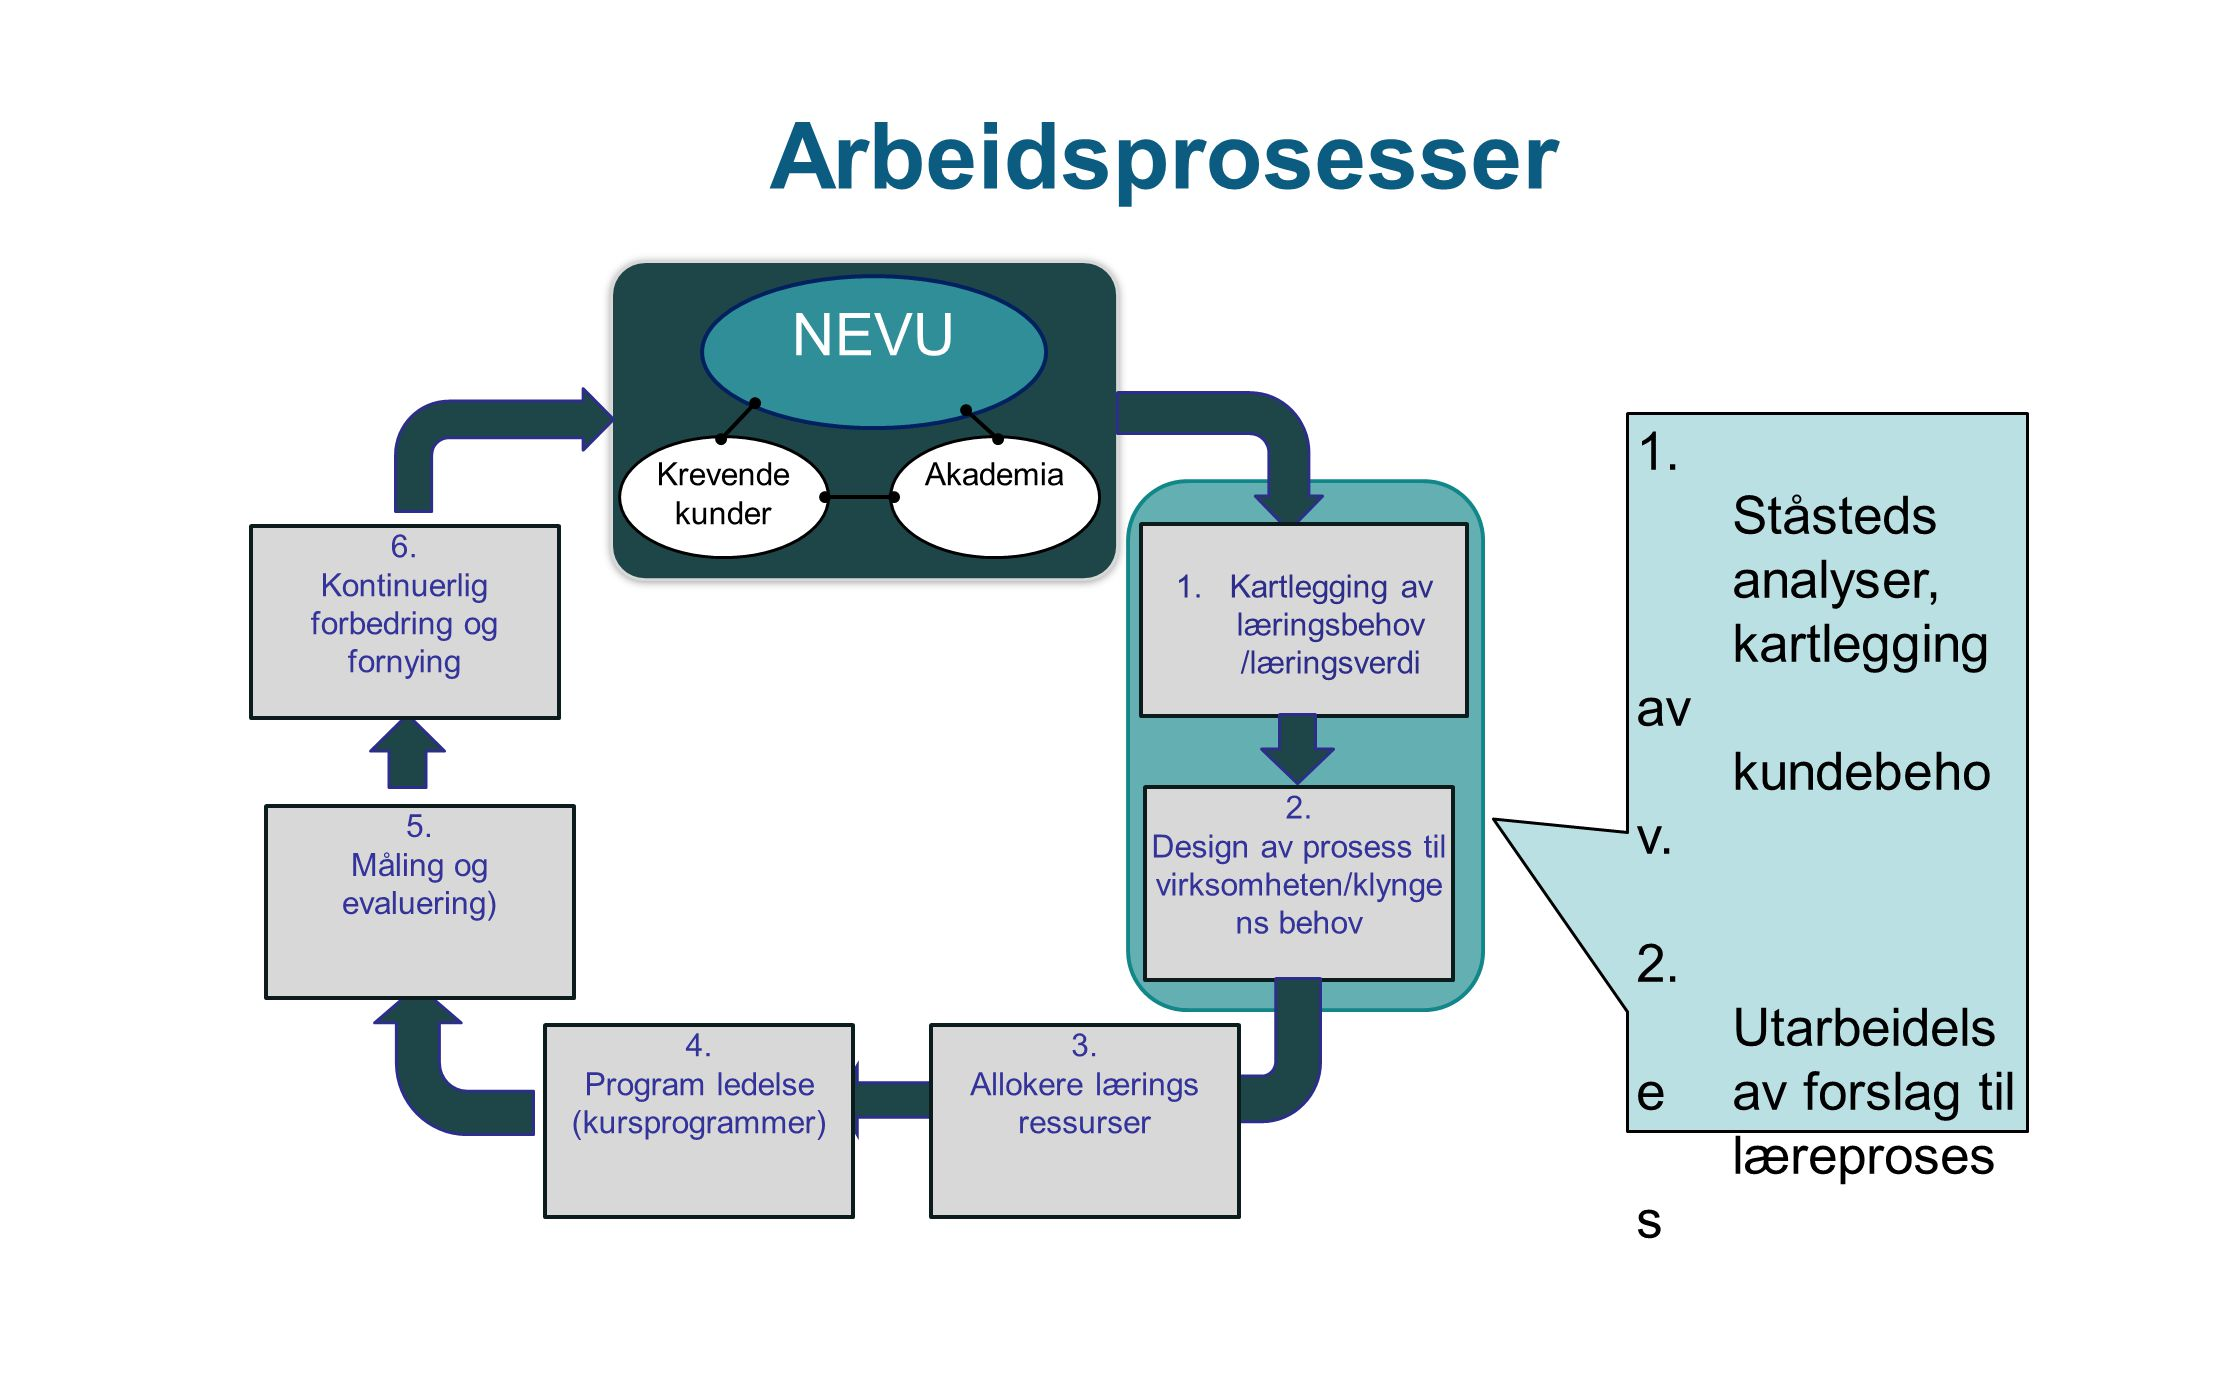 Arbeidsprosesser NEVU 1. Ståsteds analyser, kartlegging av kundebehov.